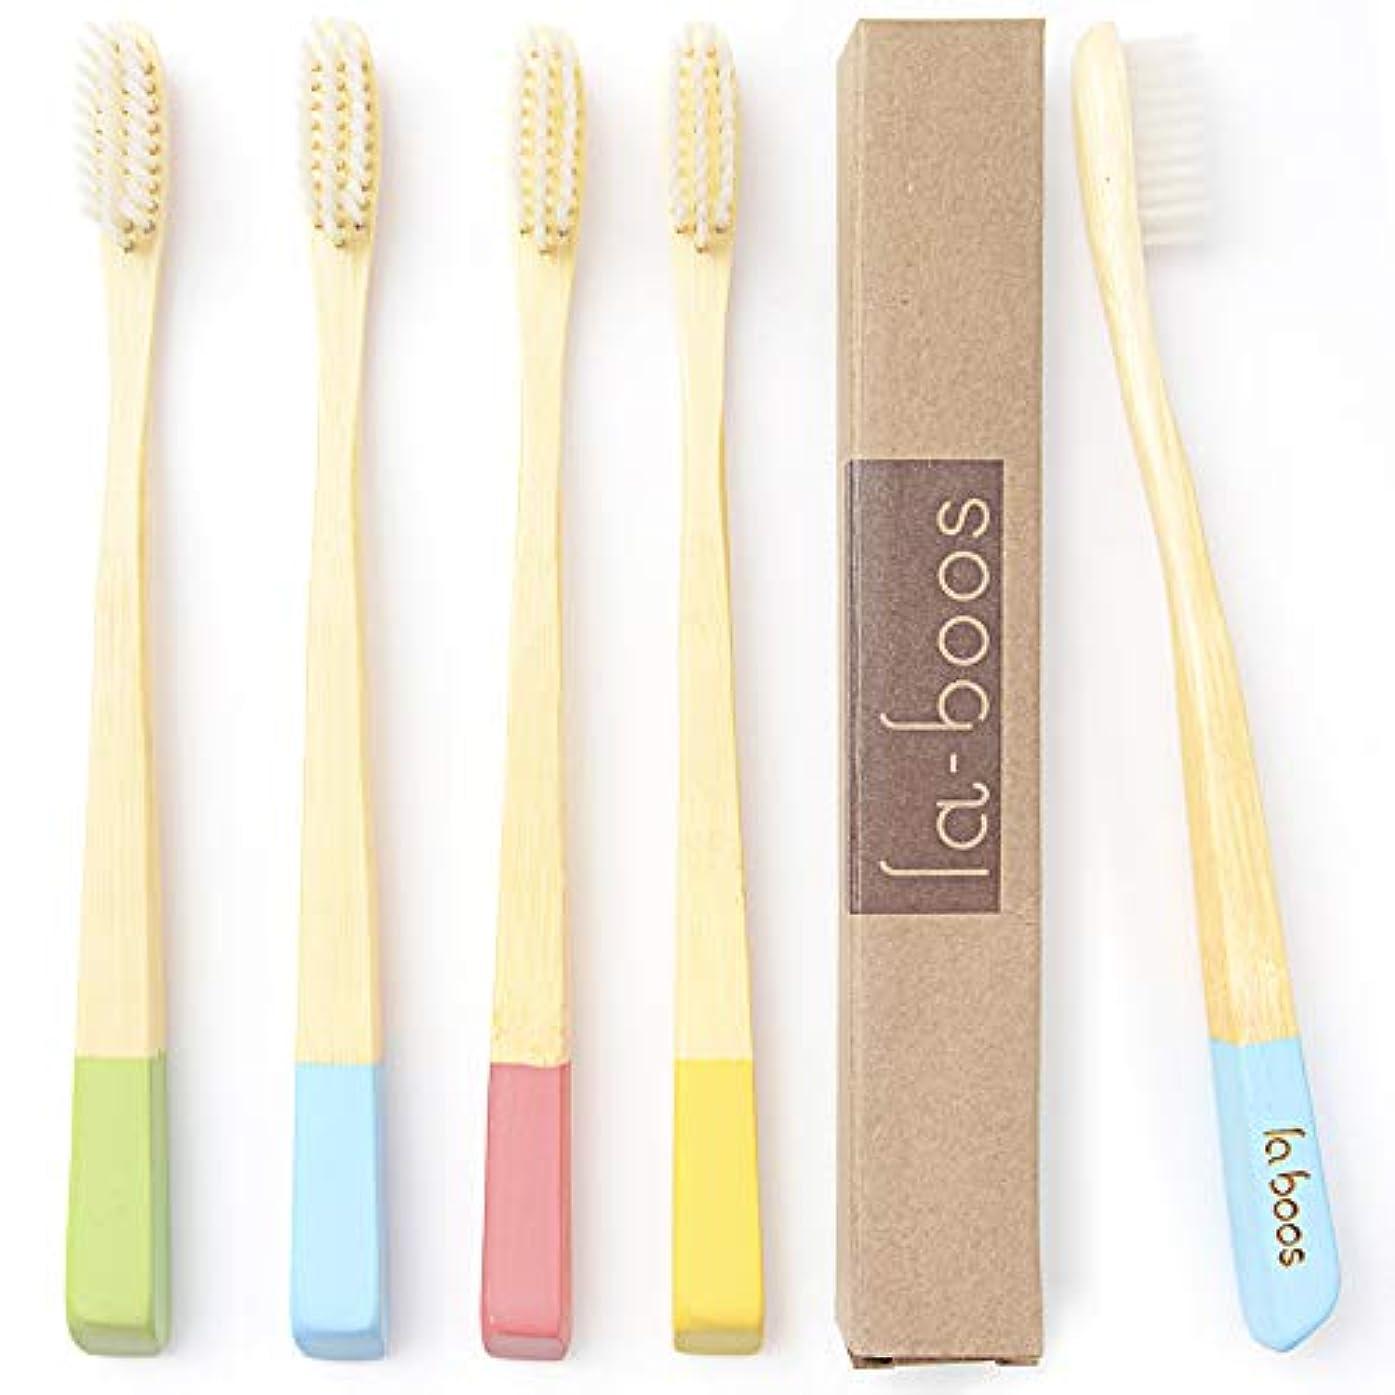 心理的さらにスタウト大人用竹の歯ブラシ ナイロン毛 環境保護の歯ブラシ【台湾製】(4本入りセット)I By laboos